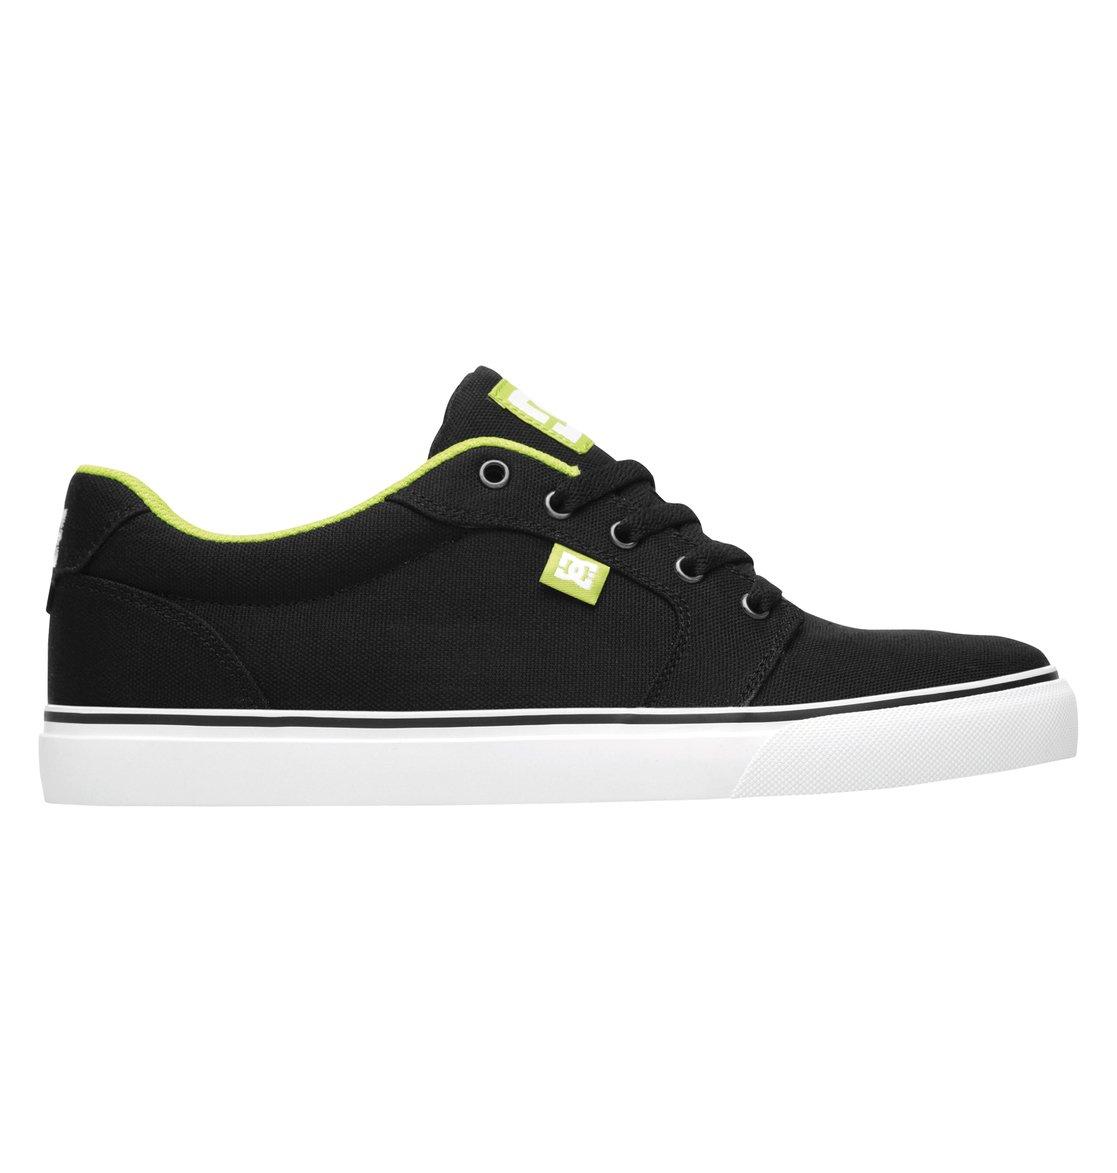 Ksl Shoes For Sale